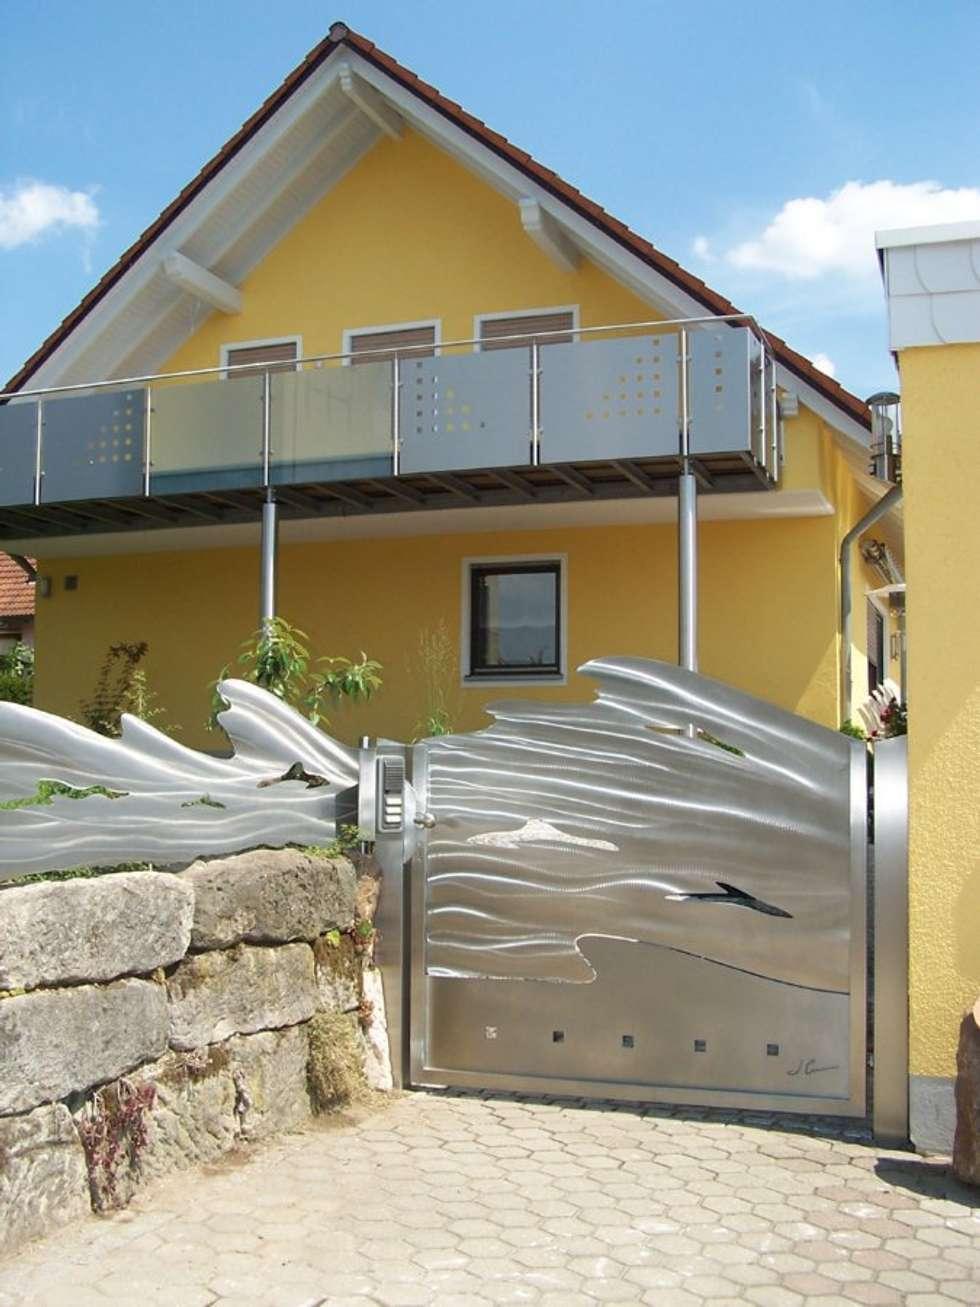 Edelstahl Tor und Zaunanlage: moderner Garten von Edelstahl Atelier Crouse - Stainless Steel Atelier